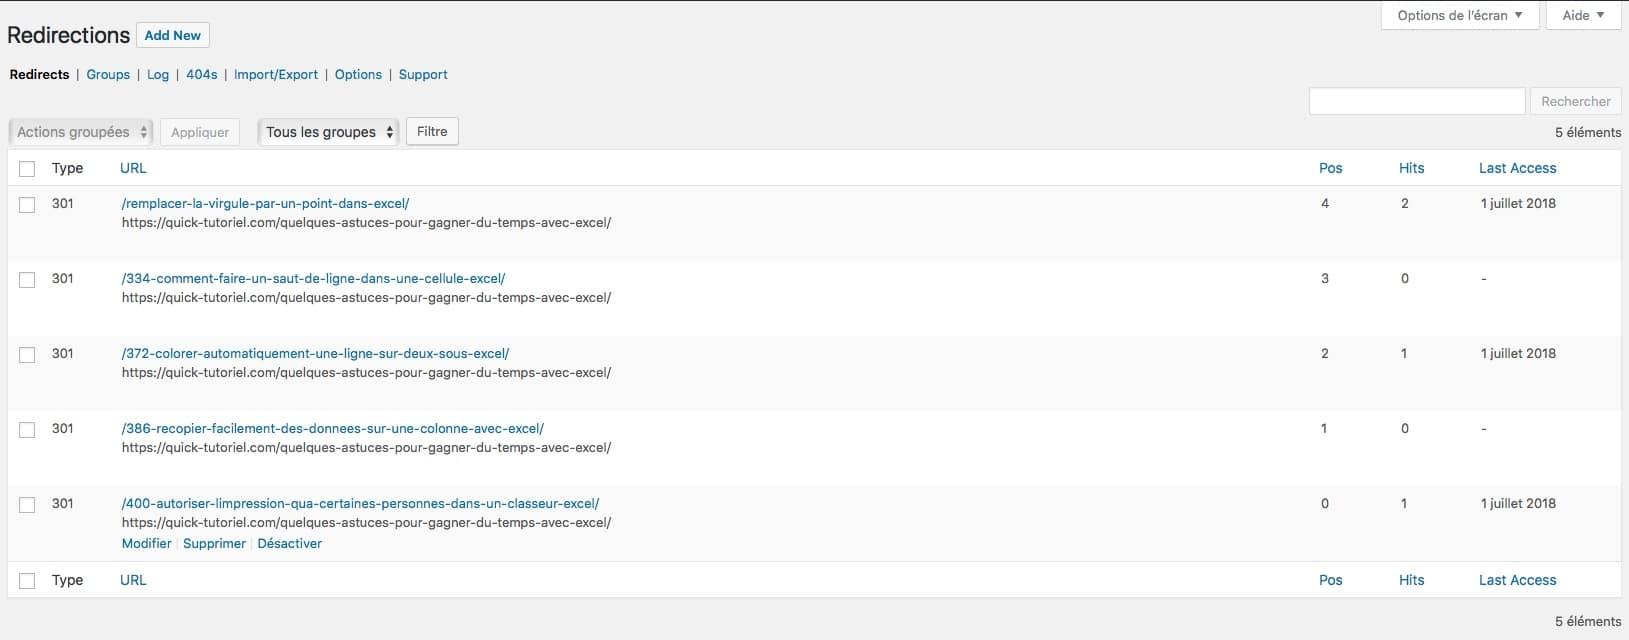 Mettre en place un système de redirections sur votre blog pour améliorer votre SEO